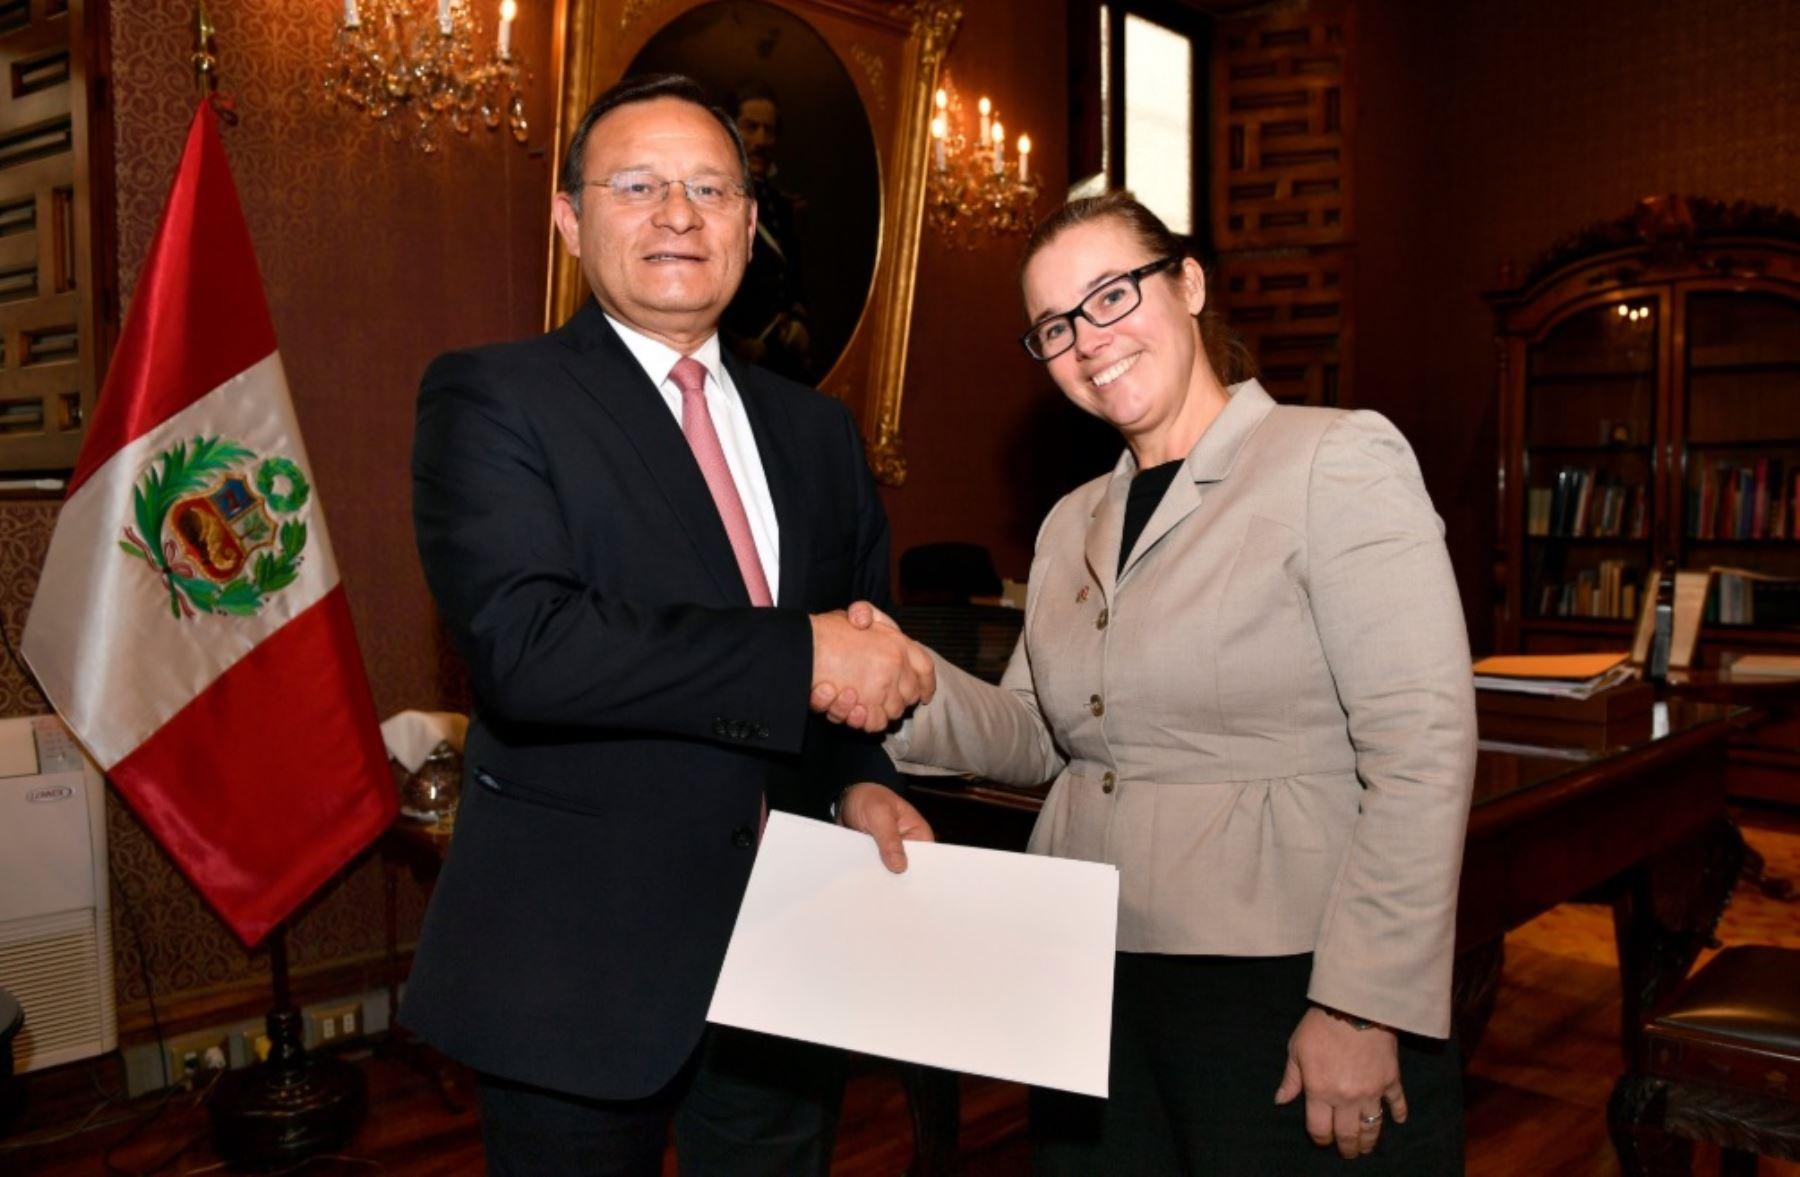 Canciller Néstor Popolizio recibe Cartas Credenciales de embajadores de Grecia y Suecia.